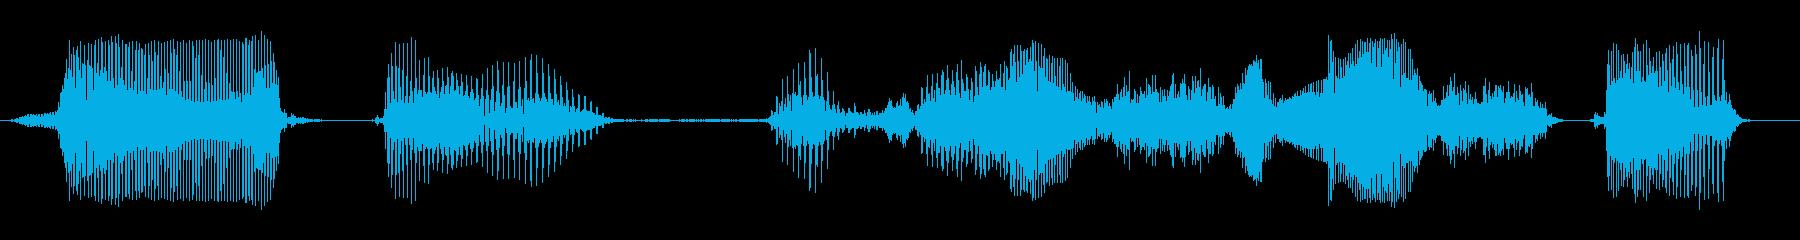 データを保存しましたの再生済みの波形